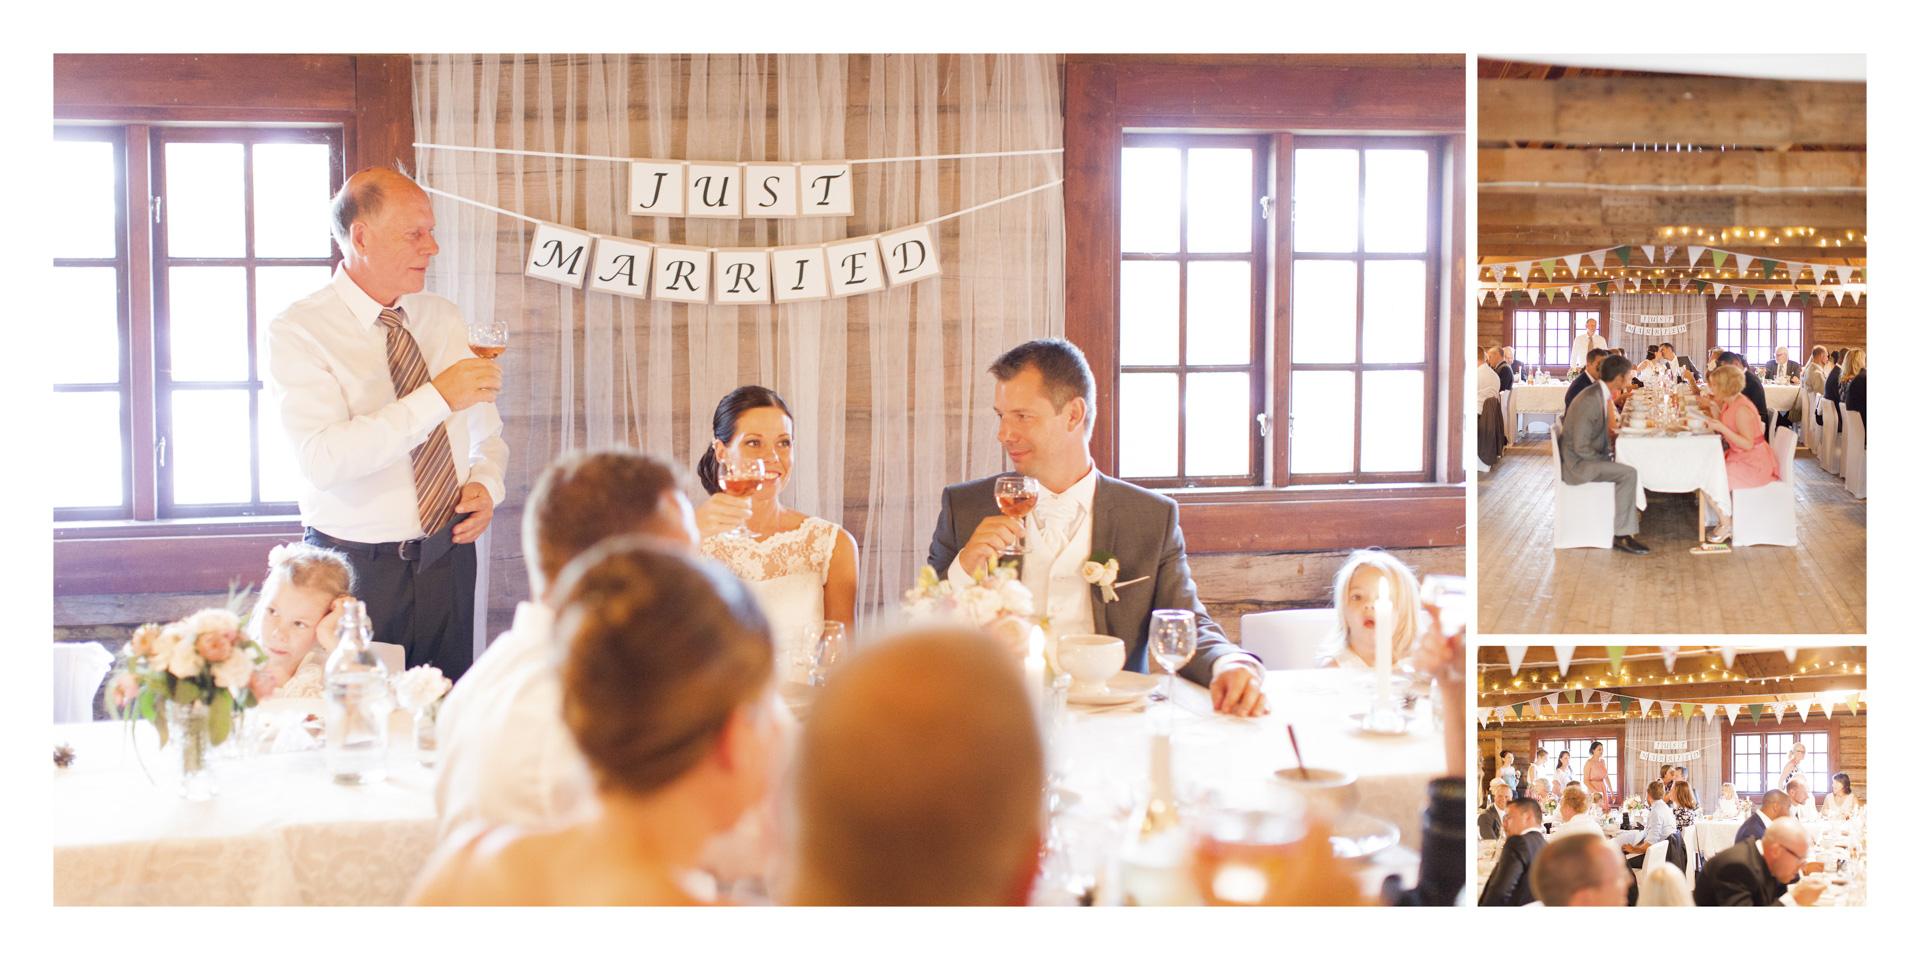 Bröllop Jessica & Joachim på Sparreholm